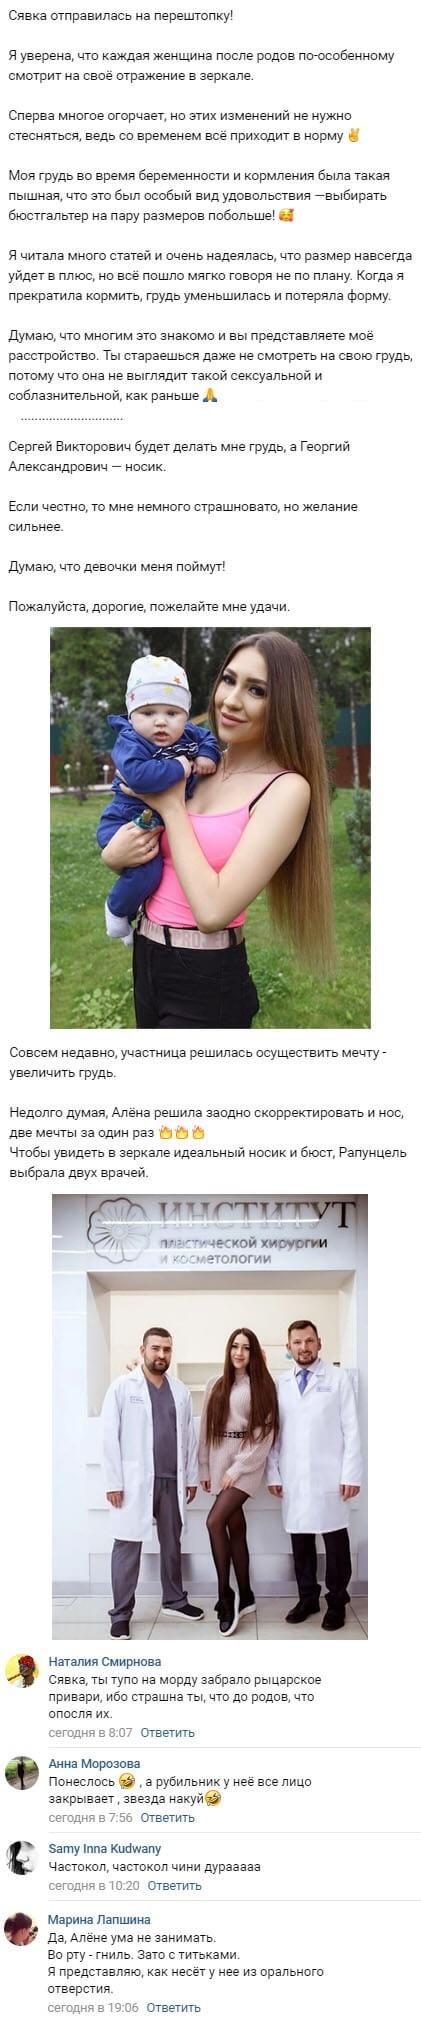 Алена Савкина исправит недавно приобретённый дефект груди